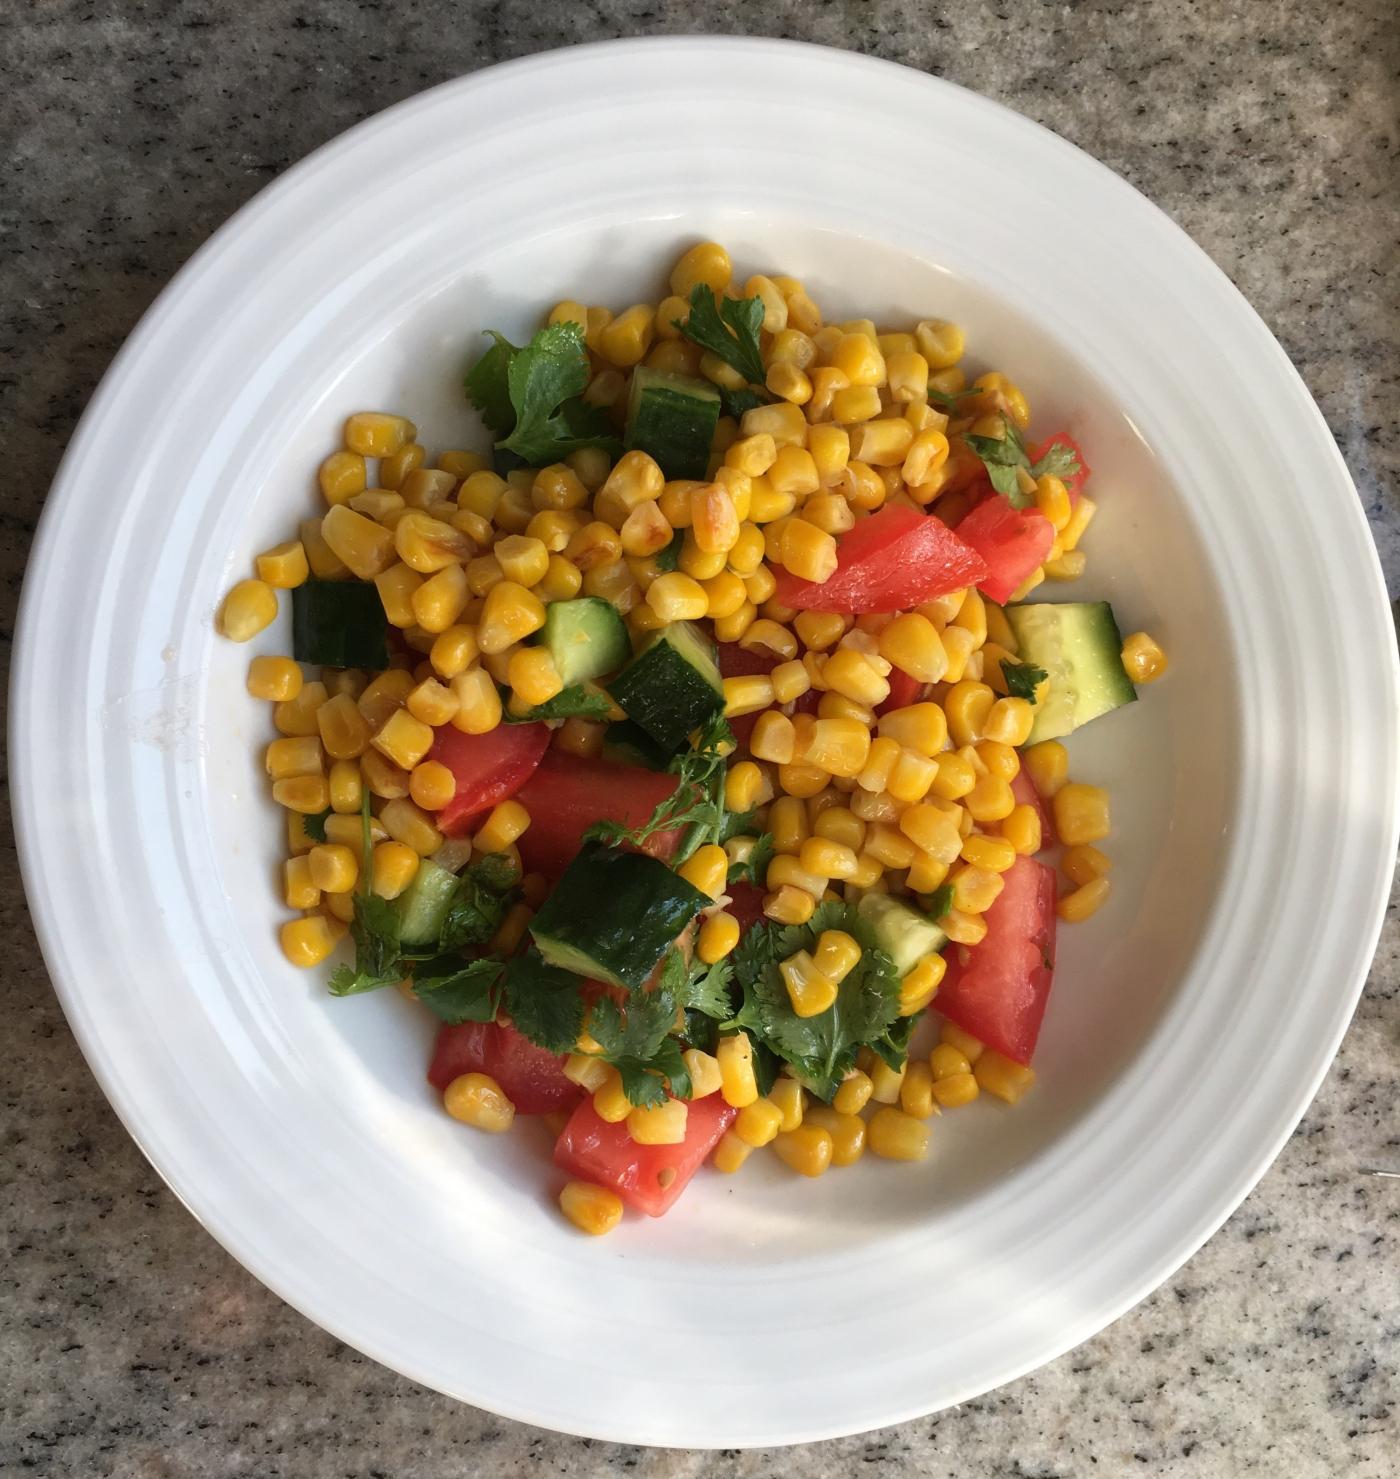 Corn salad with tomato, zucchini & cilantro